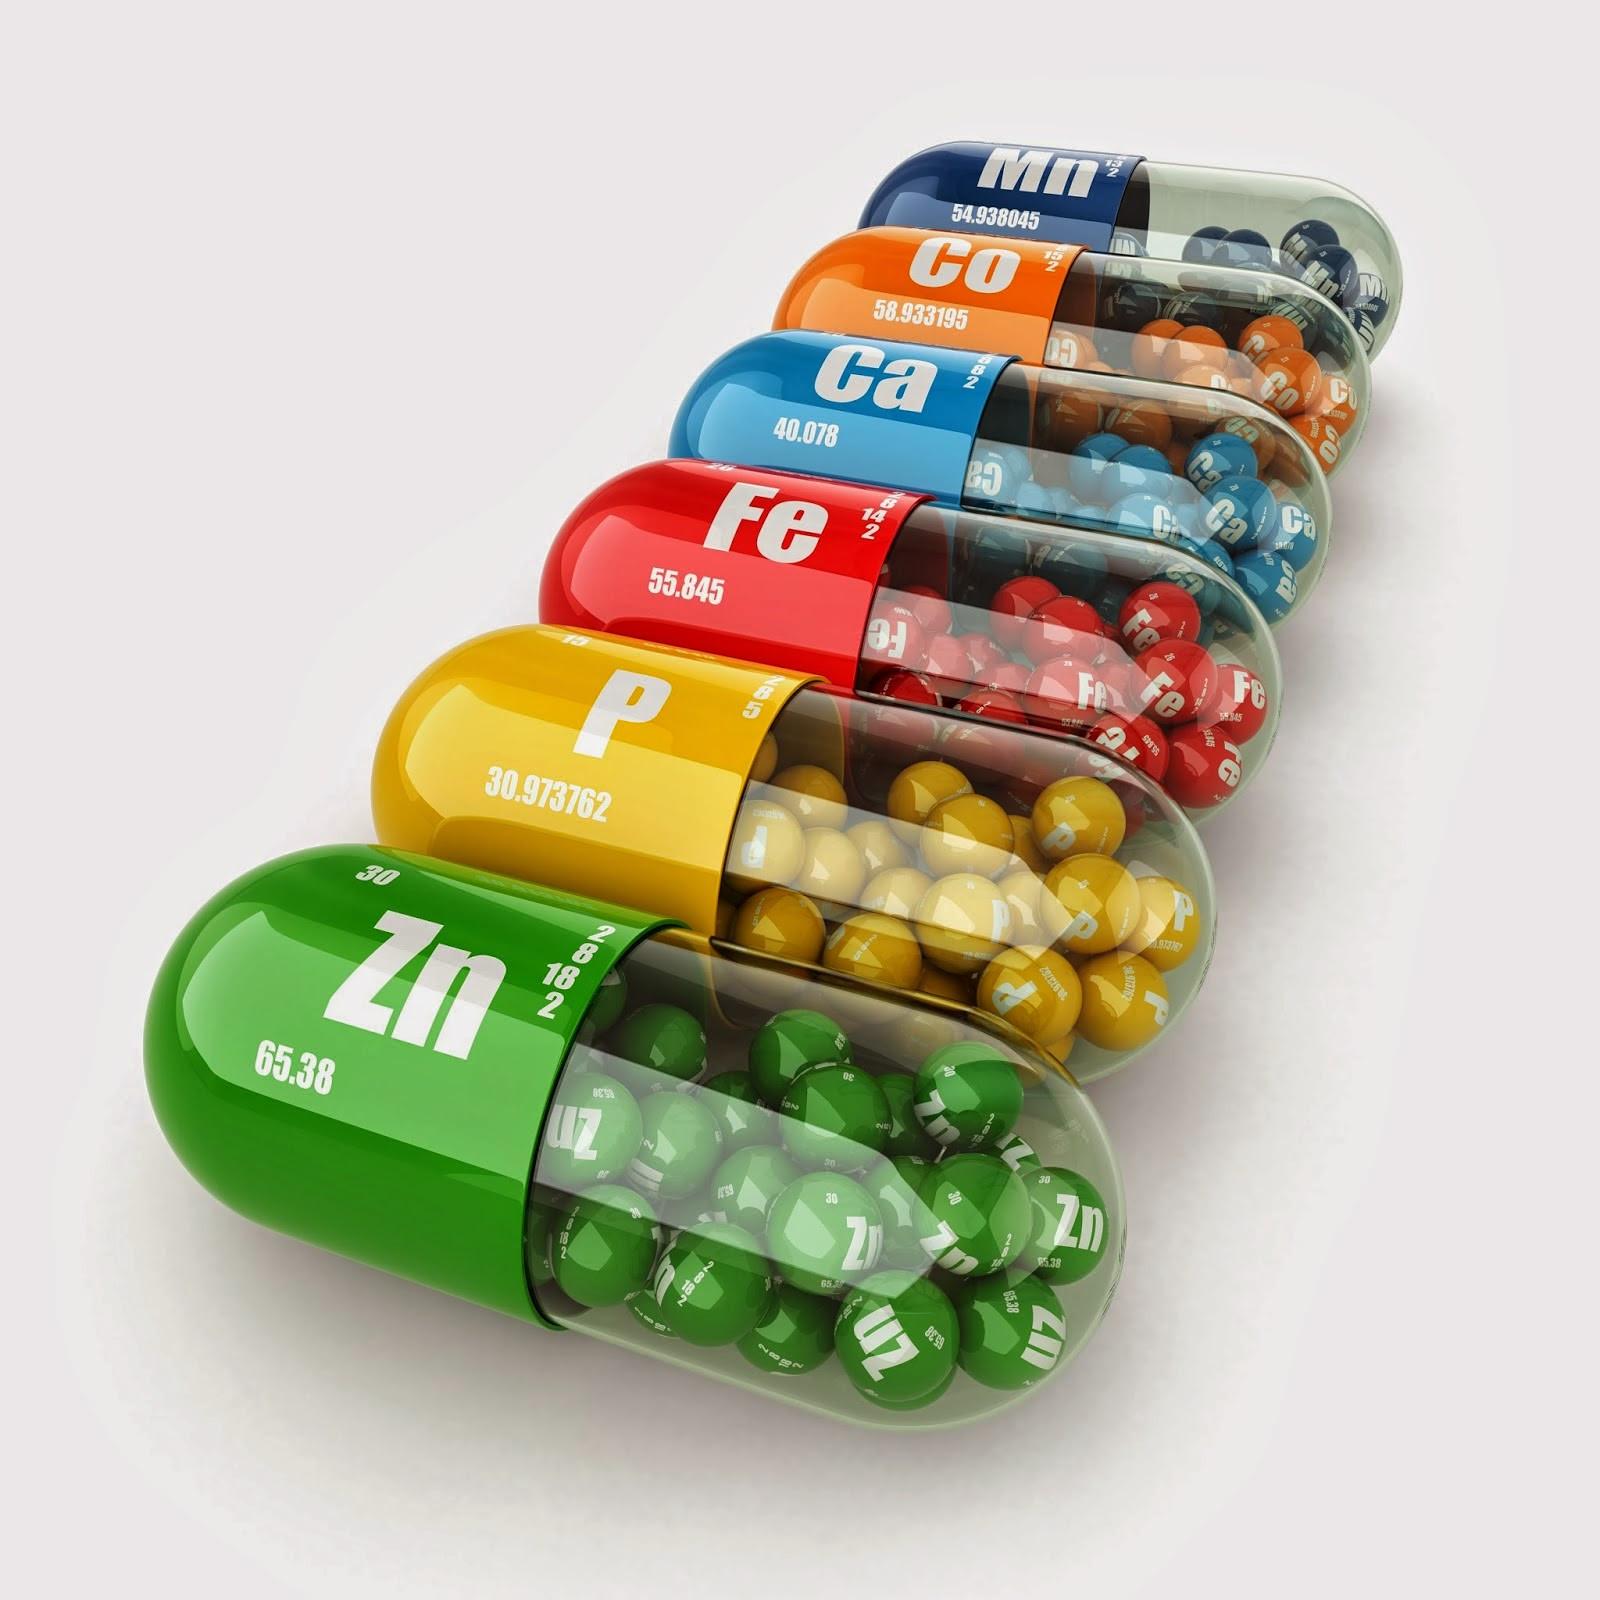 Искусственные витамины смертельно небезопасны — Ученые